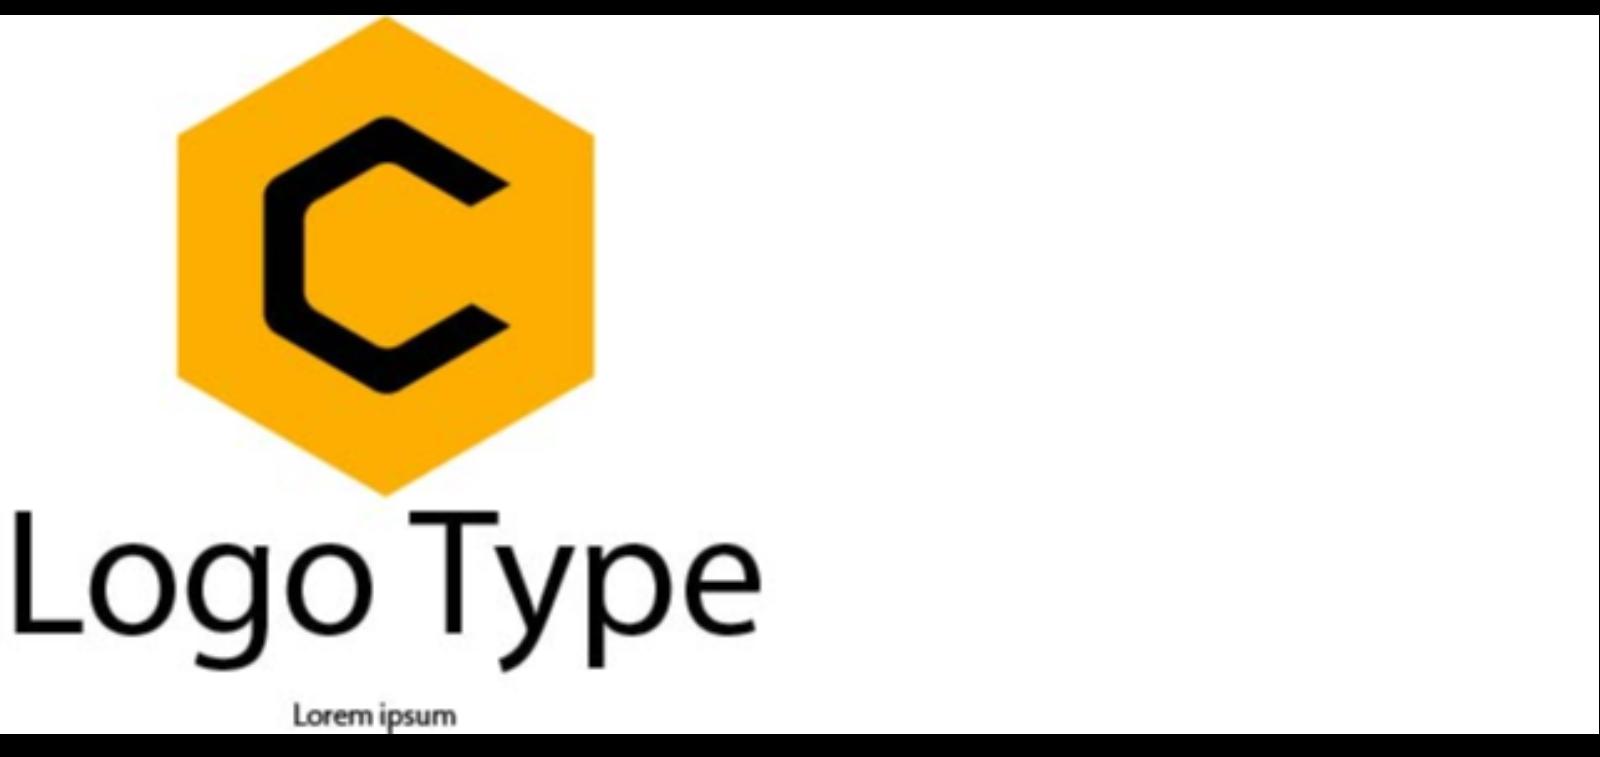 Logo Tasarımlarını kurumunuz özelliklerini en iyi yansıtacak şekilde tasarlıyorum